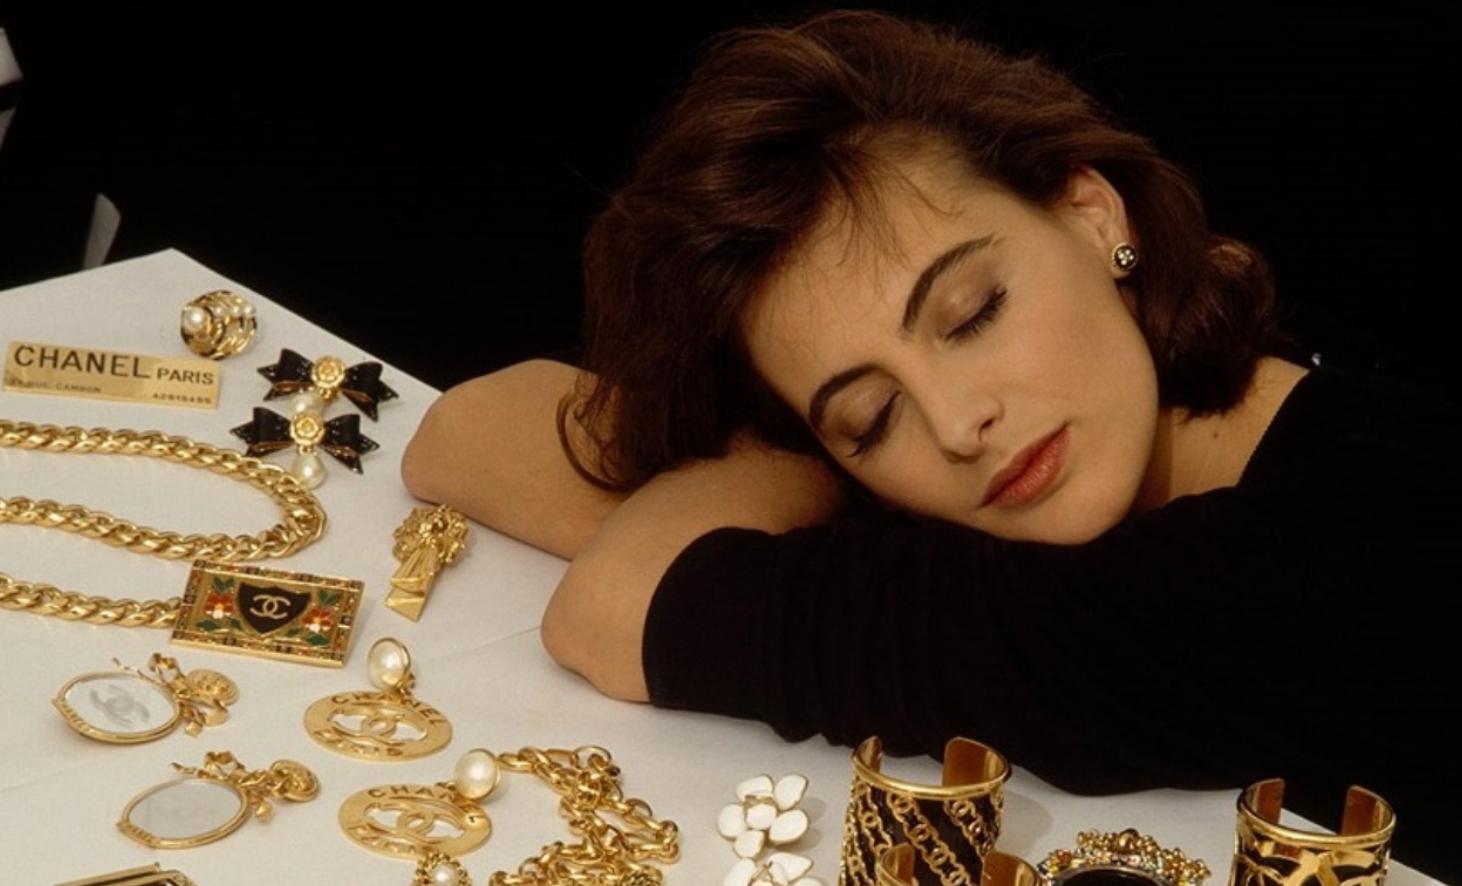 Vintage Chanel Jewelry - ชาแนลวินเทจ - วินเทจ